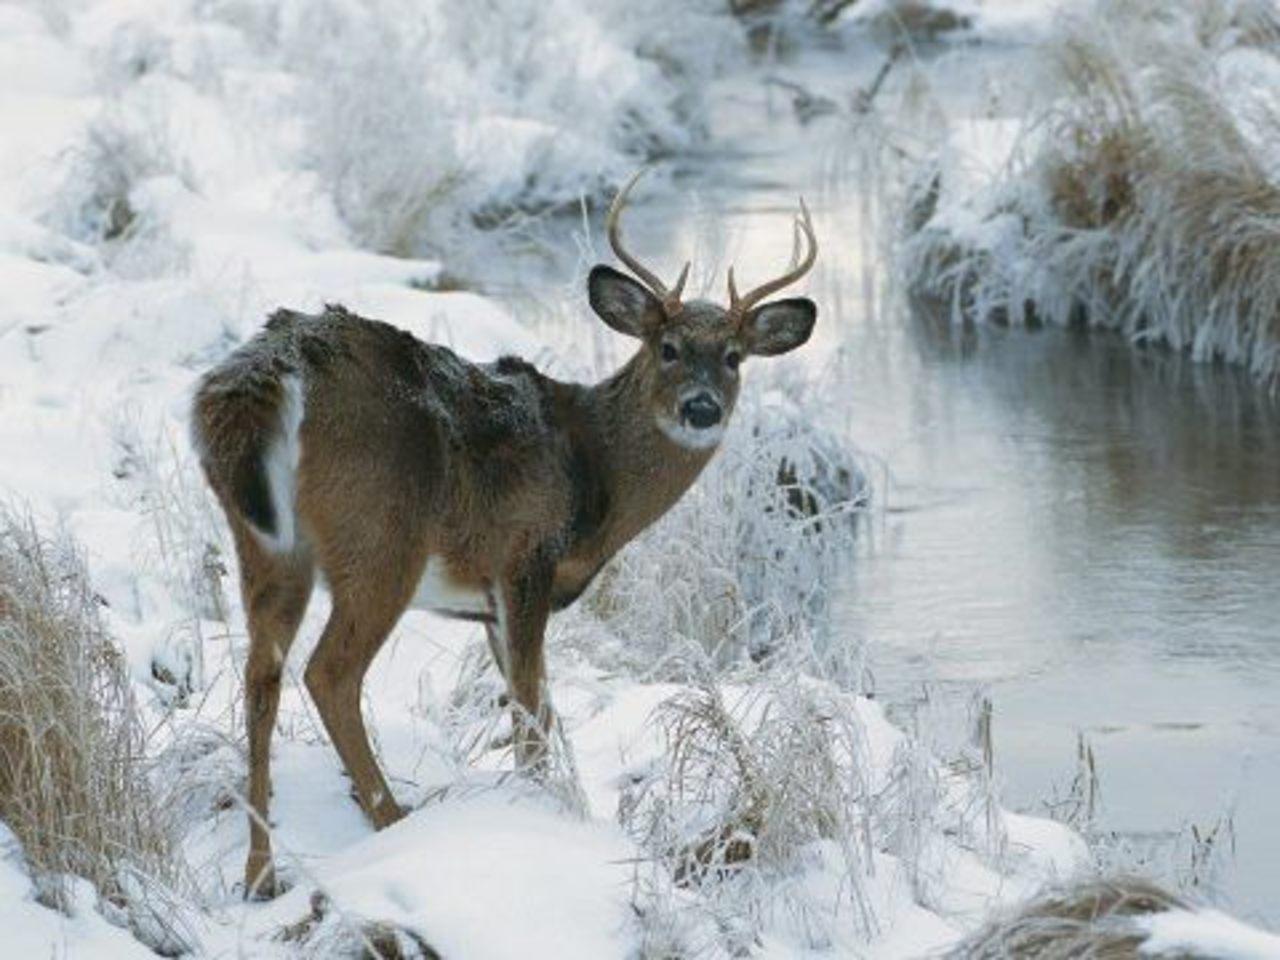 Photos Best Deer Photo Collection Deer in Winter Season Wallpaper 1280x960